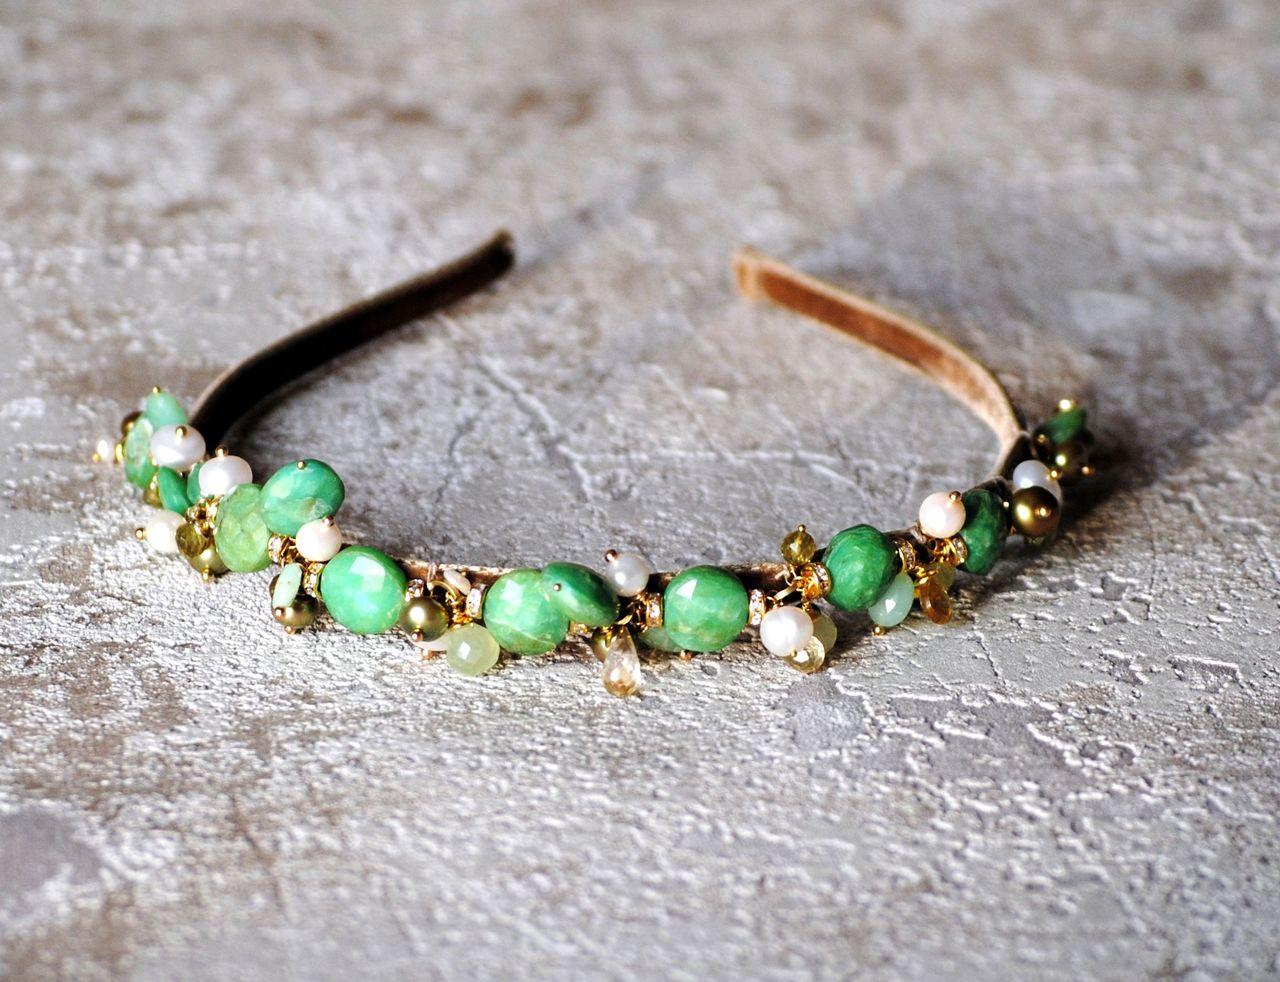 На фото: ювелирные изделия - браслет из камня зеленый опал.